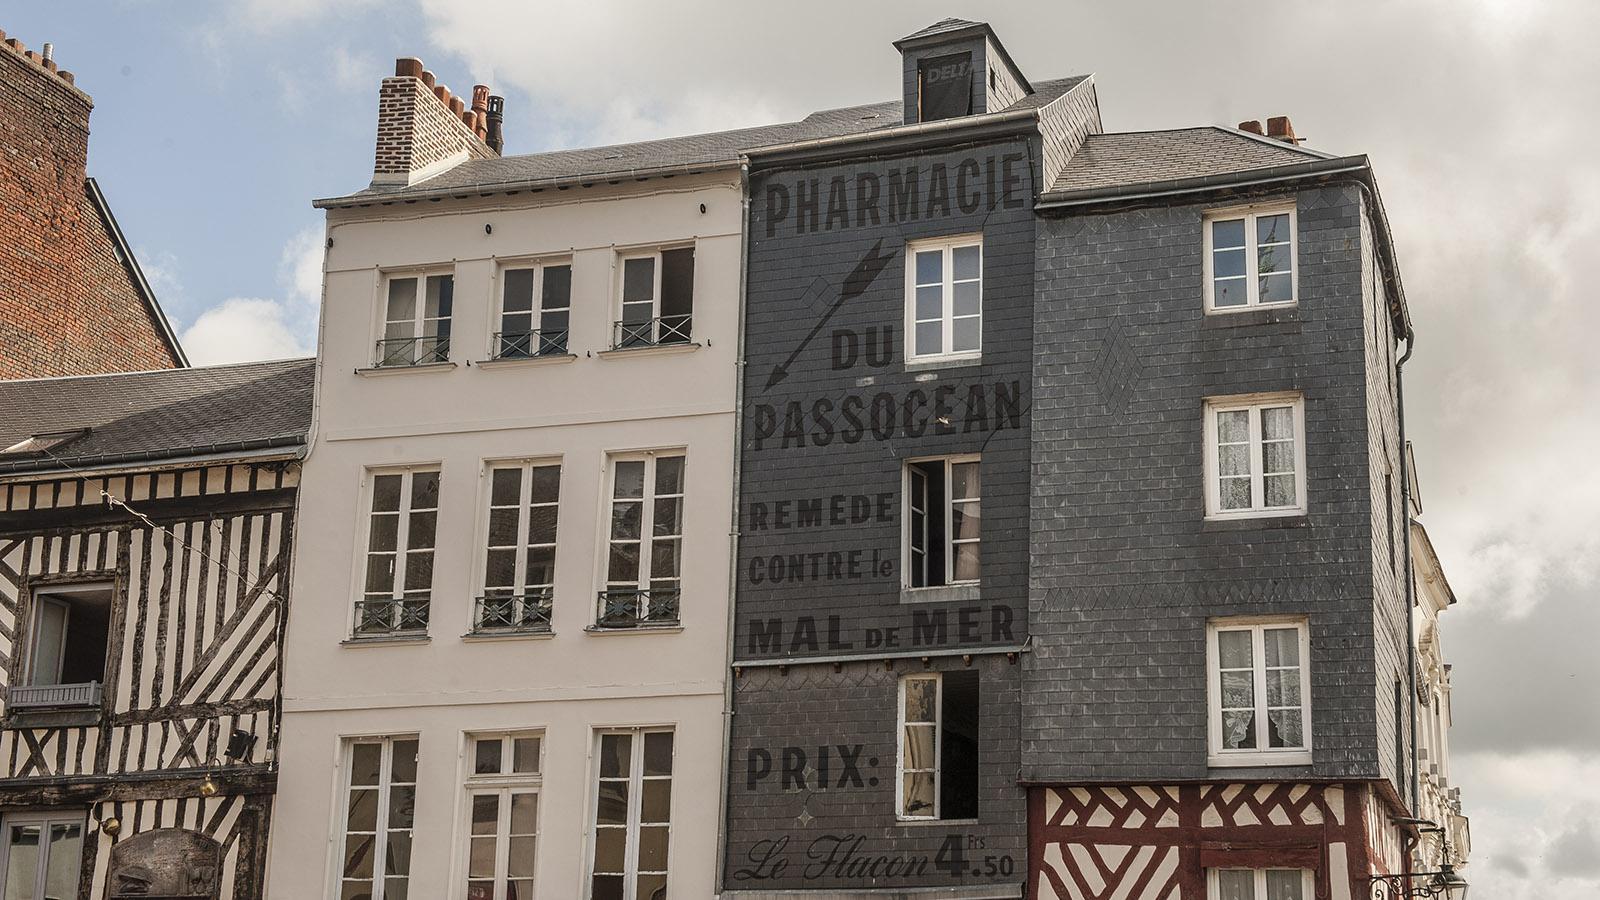 Boudin in Honfleur: die Pharmacie du Passocean. Foto: Hilke Maunder